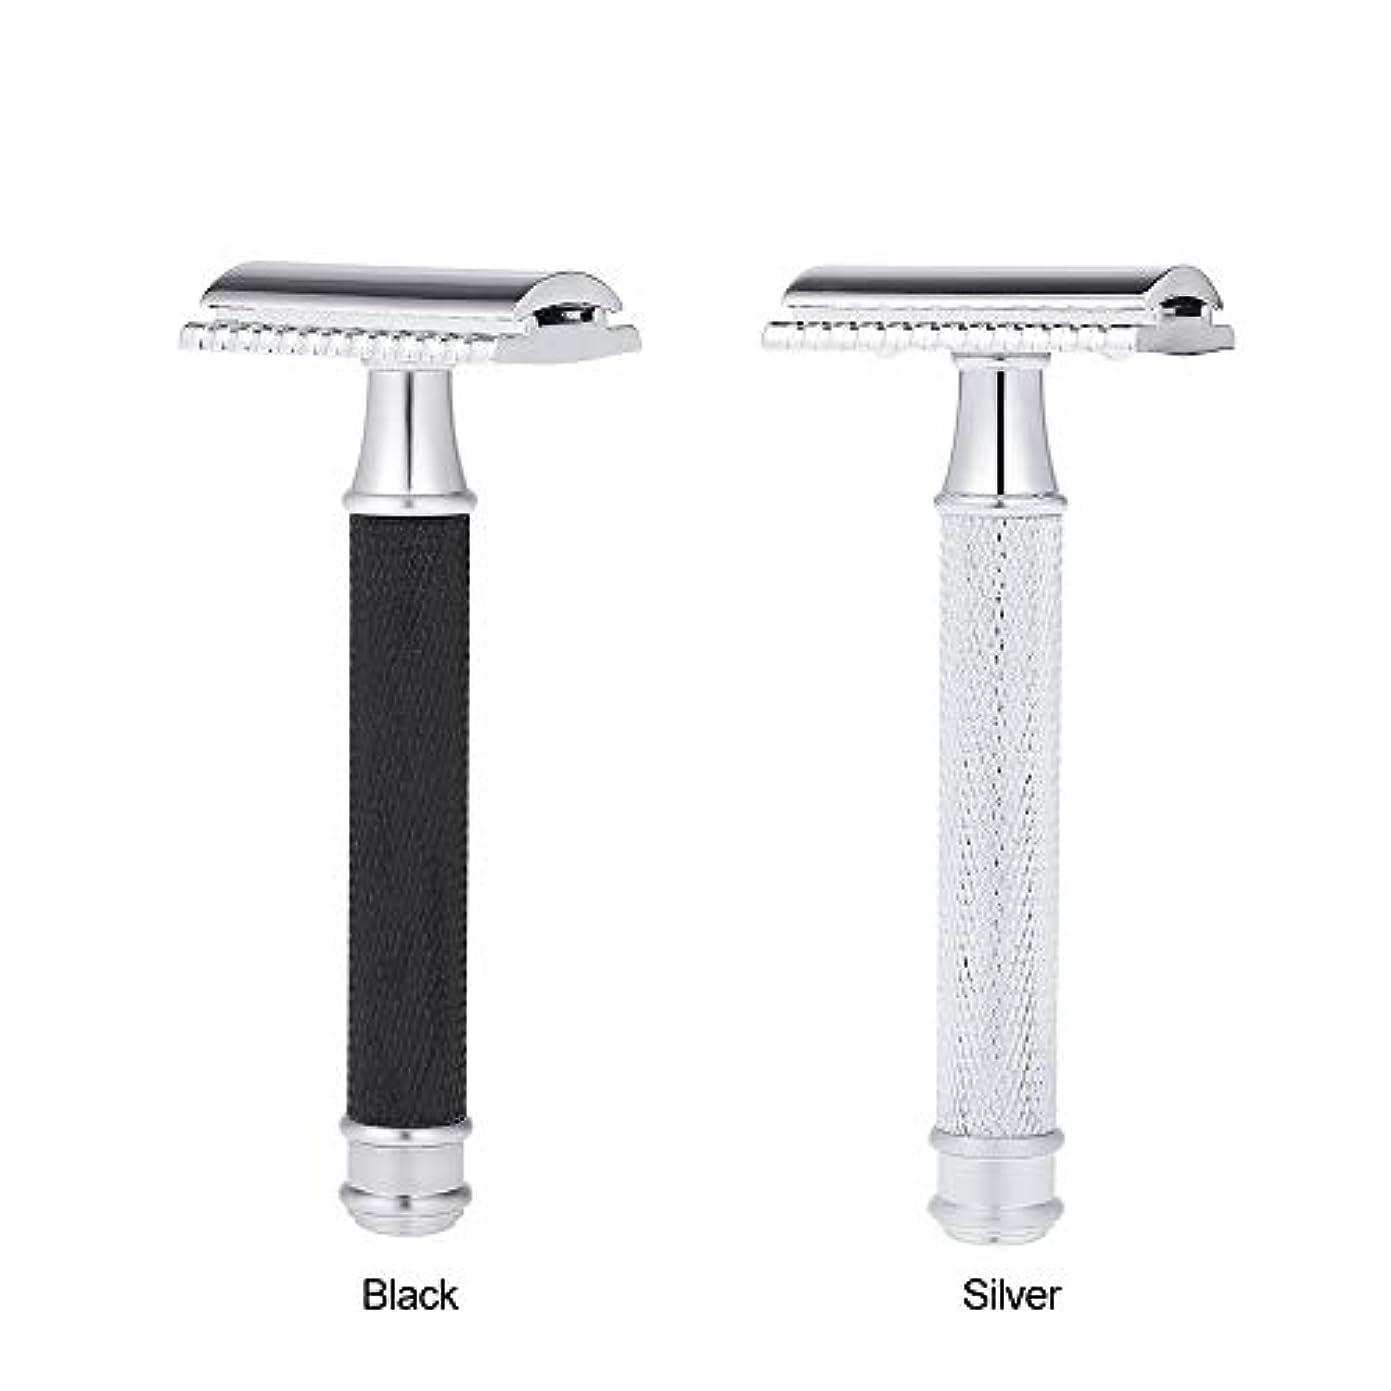 先生アルカトラズ島中毒Double Edge Classic Safety Razors Double Edge Handled Shaving Razor Stainless Steel Manual Traditional Razor (...